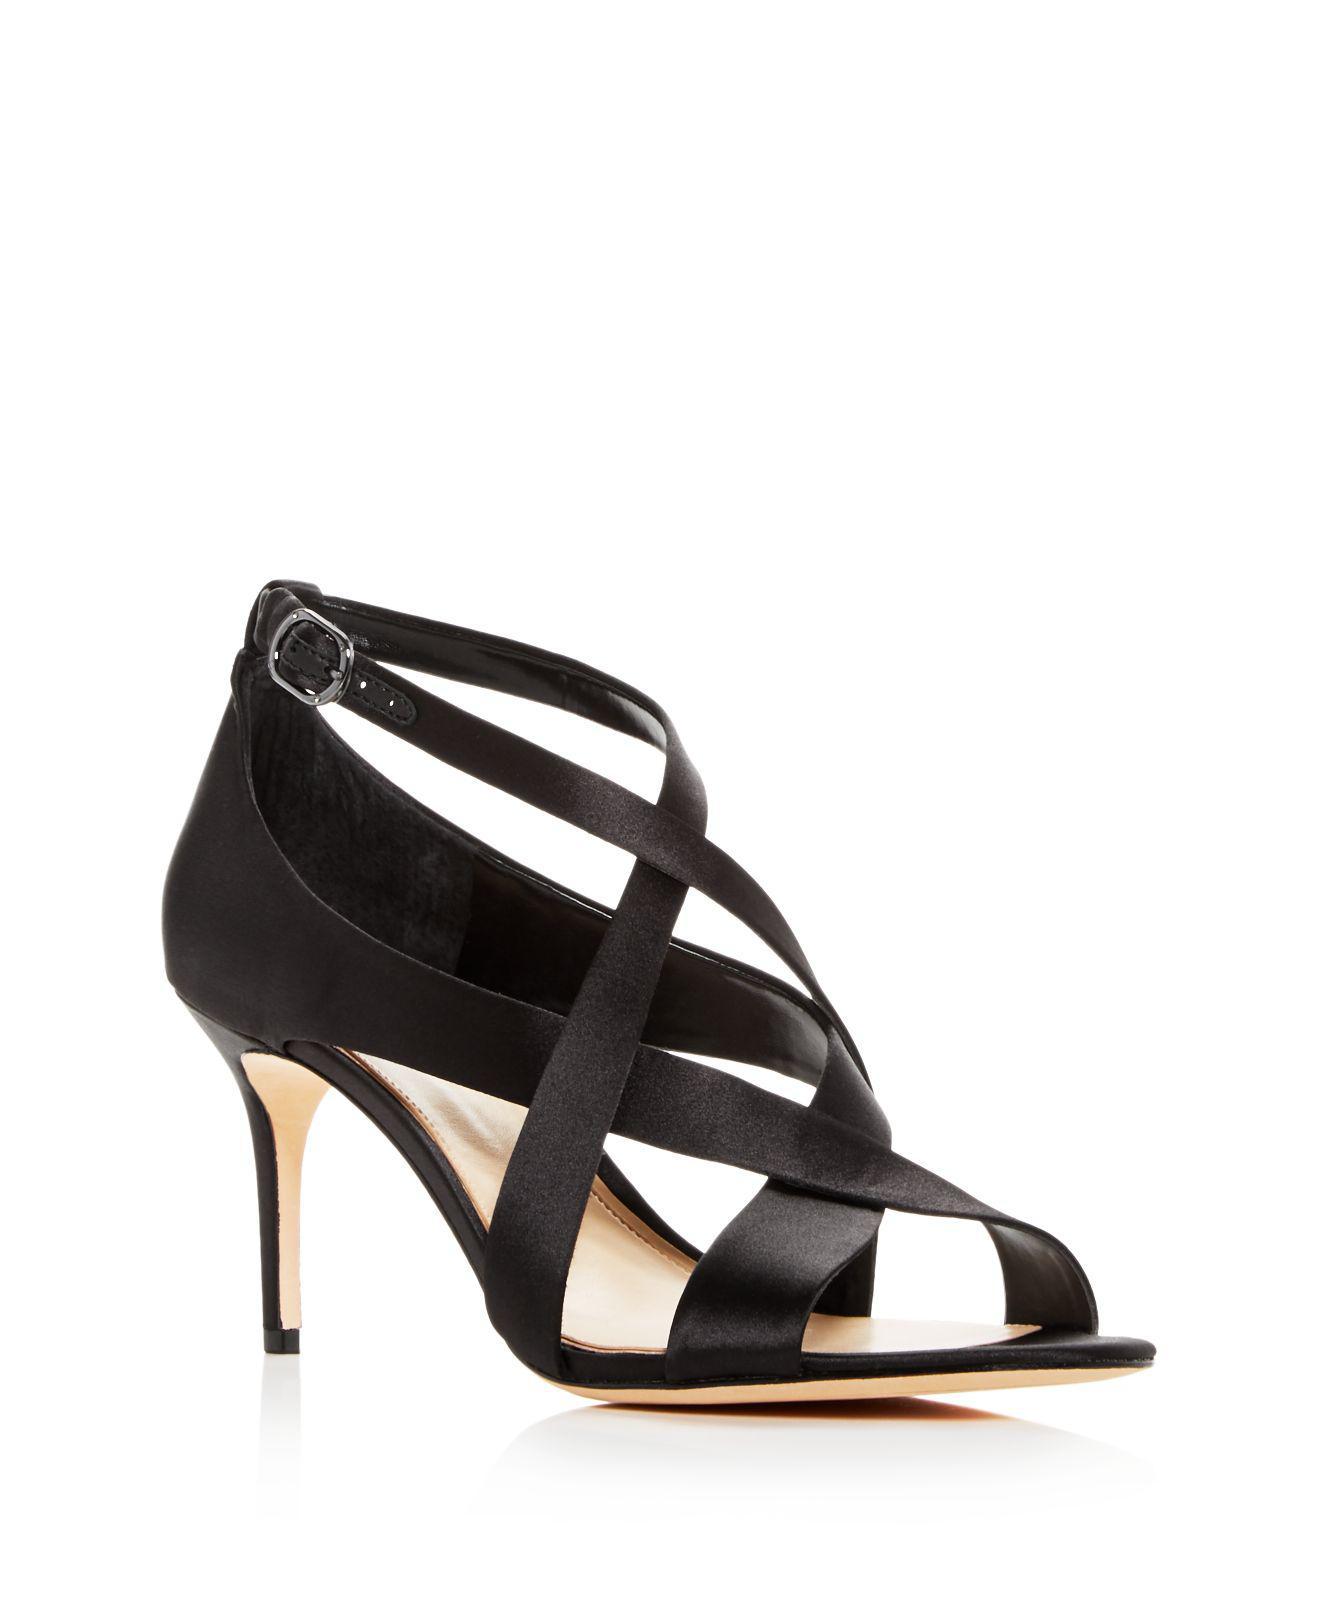 Vince Camuto Women's Paill Leather Crisscross High Heel Sandals JurSKo